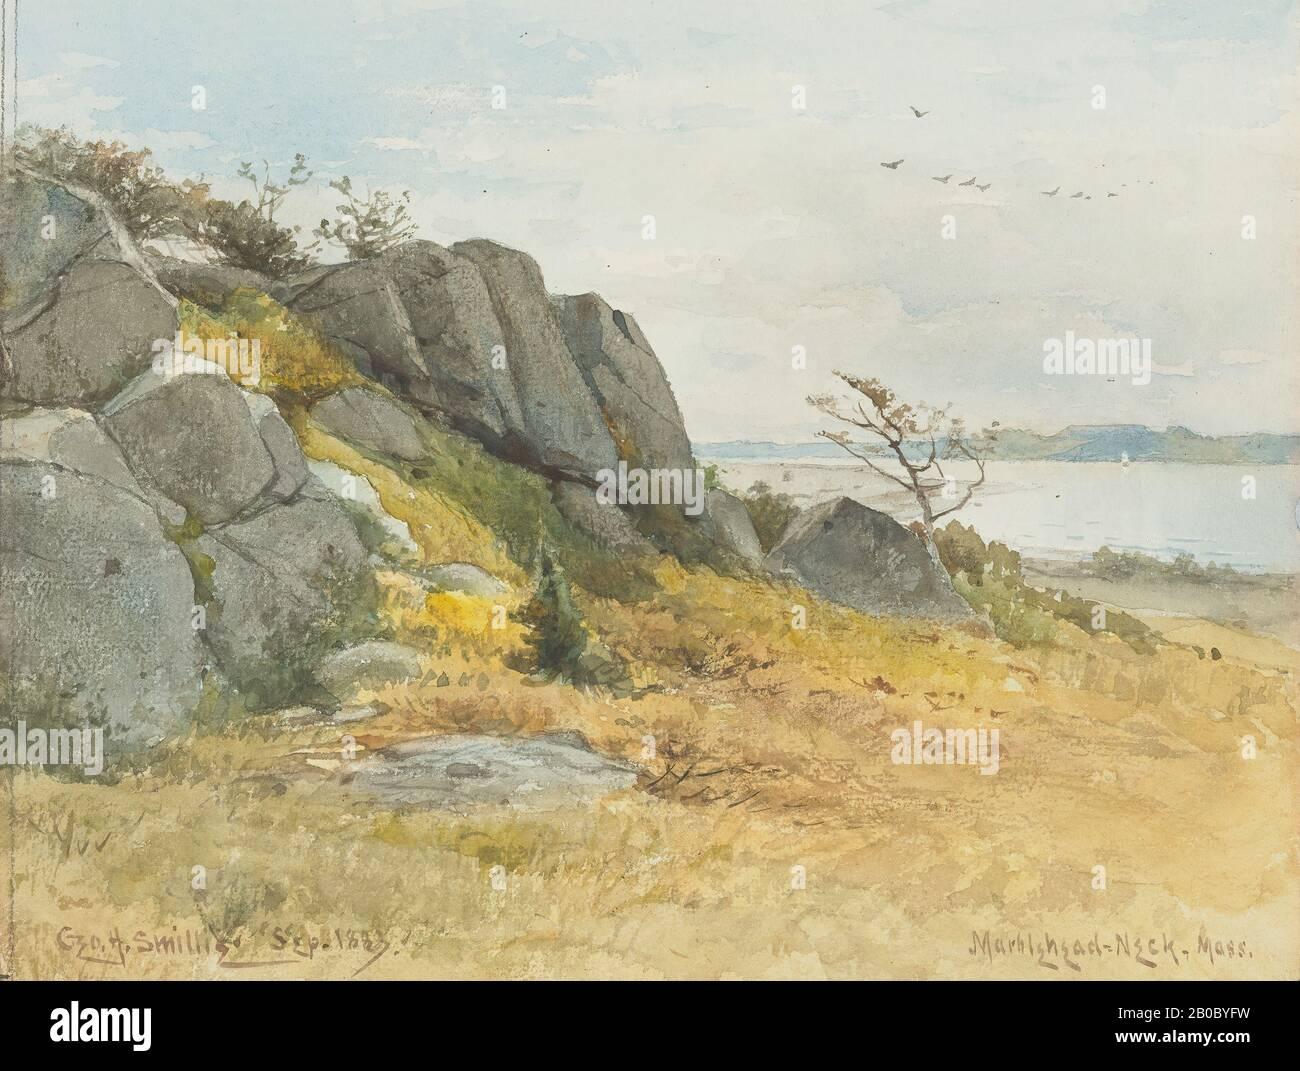 Split Rock by Rudi Reichardt  Image Size  12 x 16